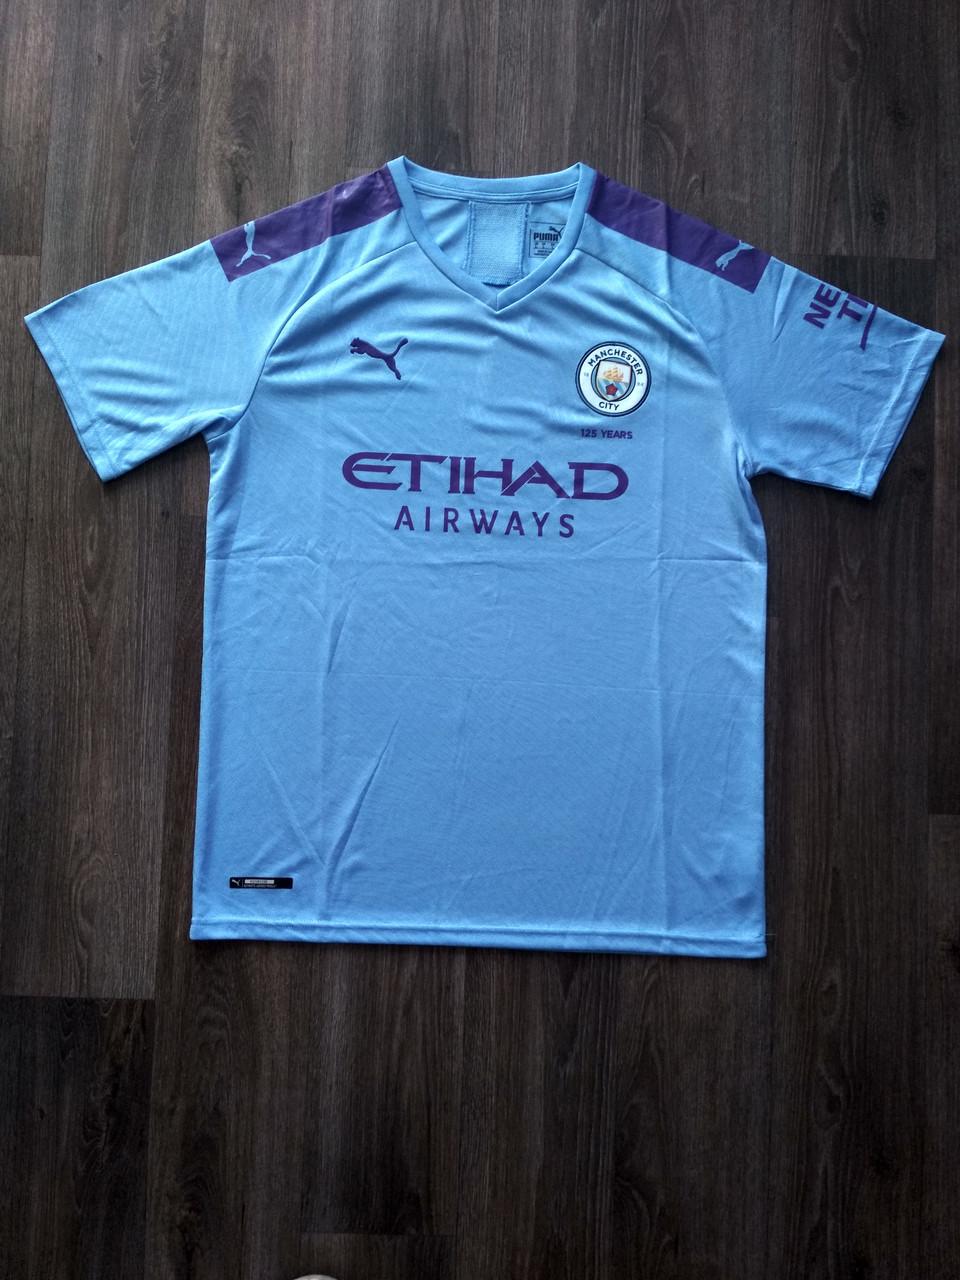 Тренировочная футболка игровая Манчестер Сити/Manchester City ( Англия, Премьер Лига ), домашняя, сезон 19-20